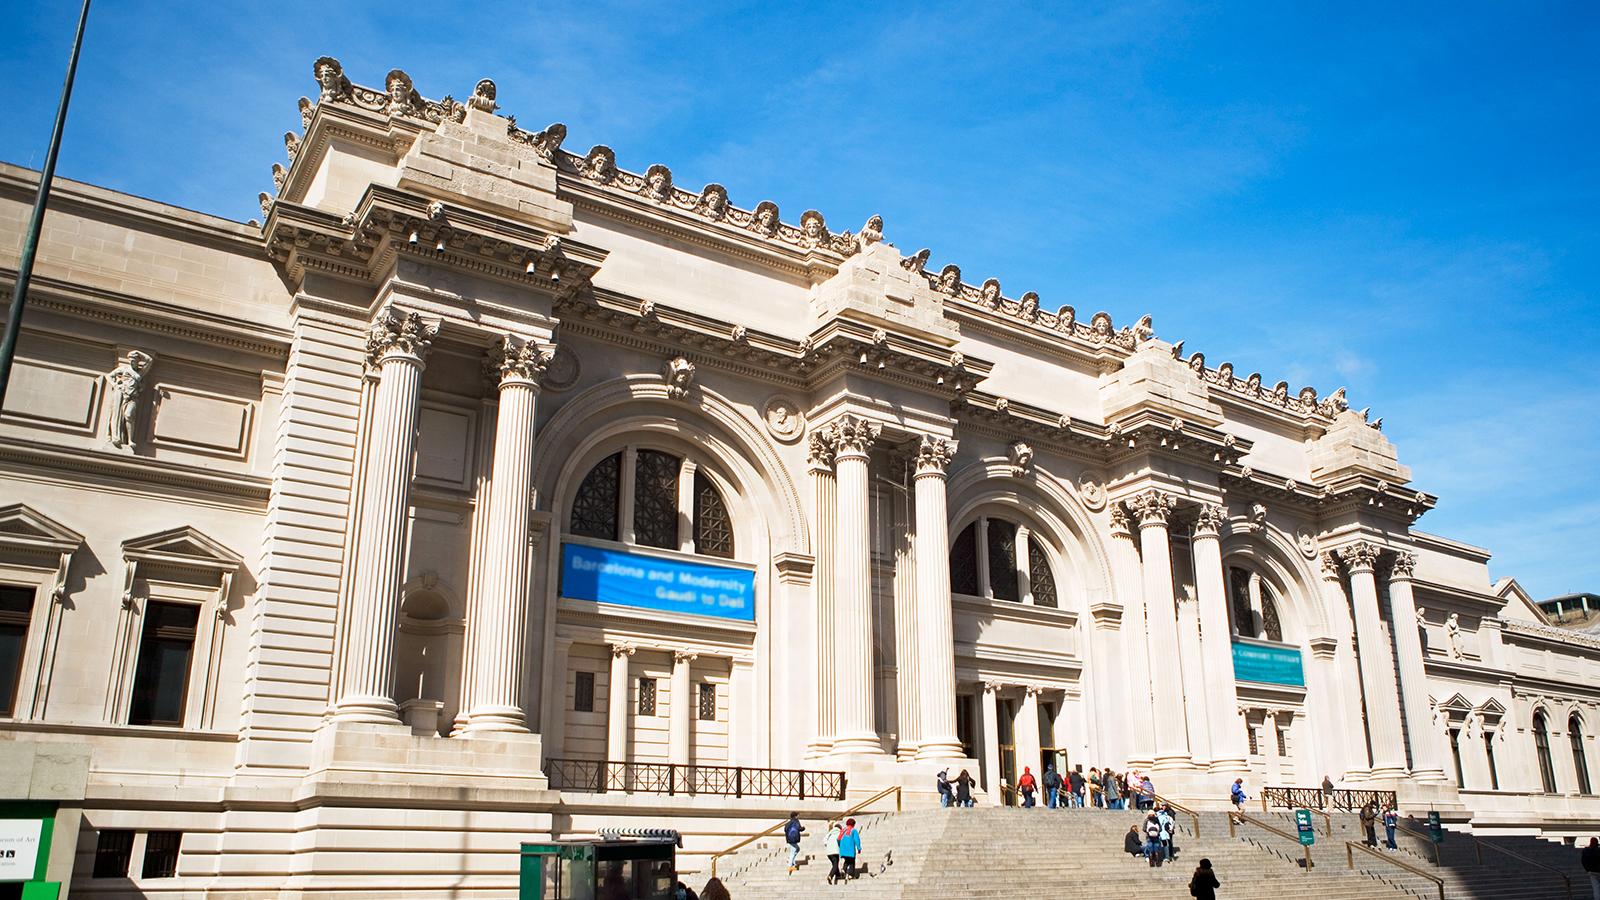 Teaching Math Through Art from the Metropolitan Museum of Art